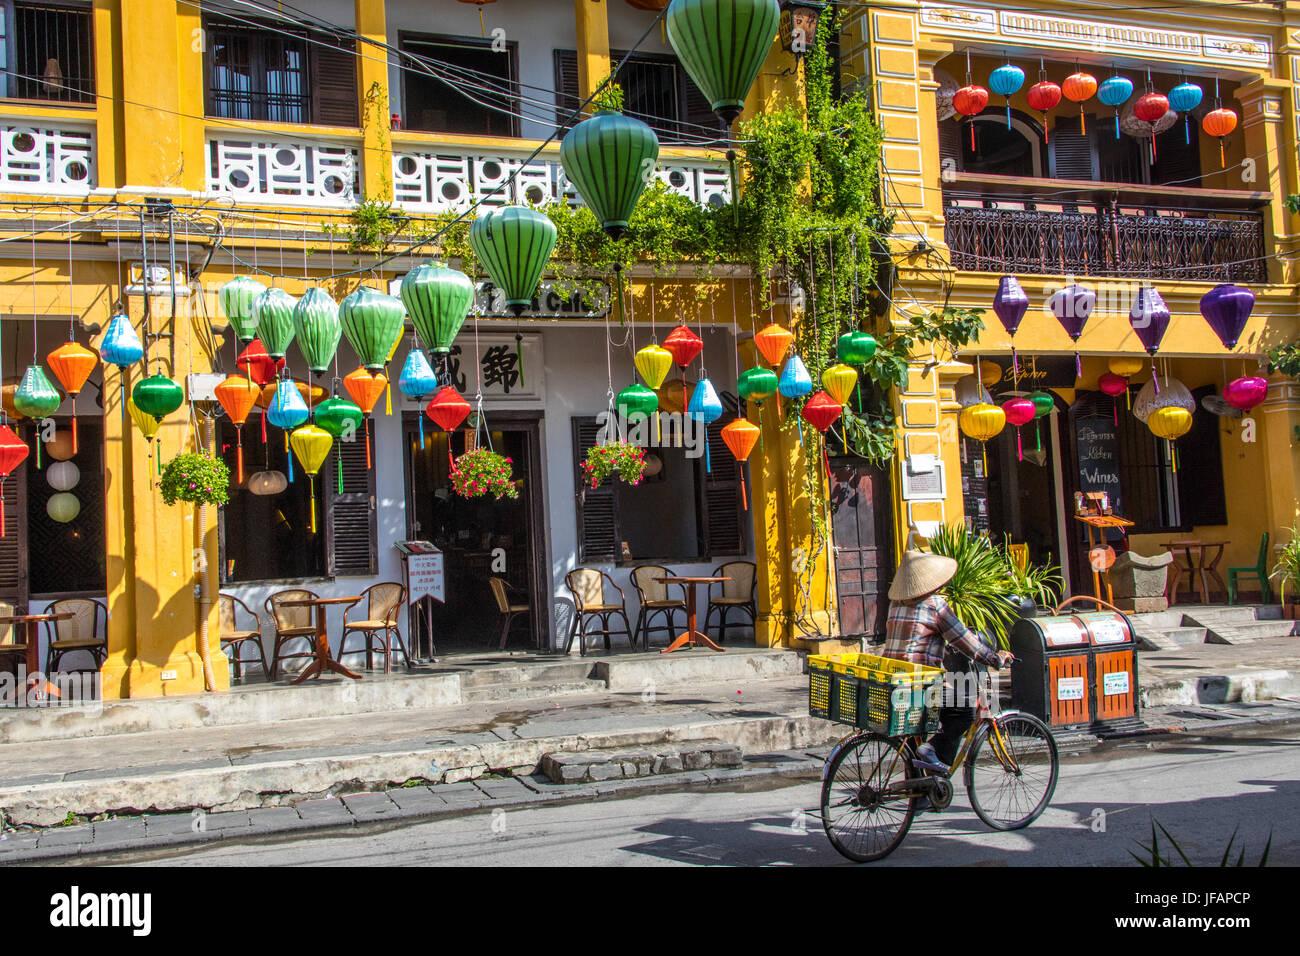 Lanternes traditionnelles à Hoi An, Vietnam Photo Stock